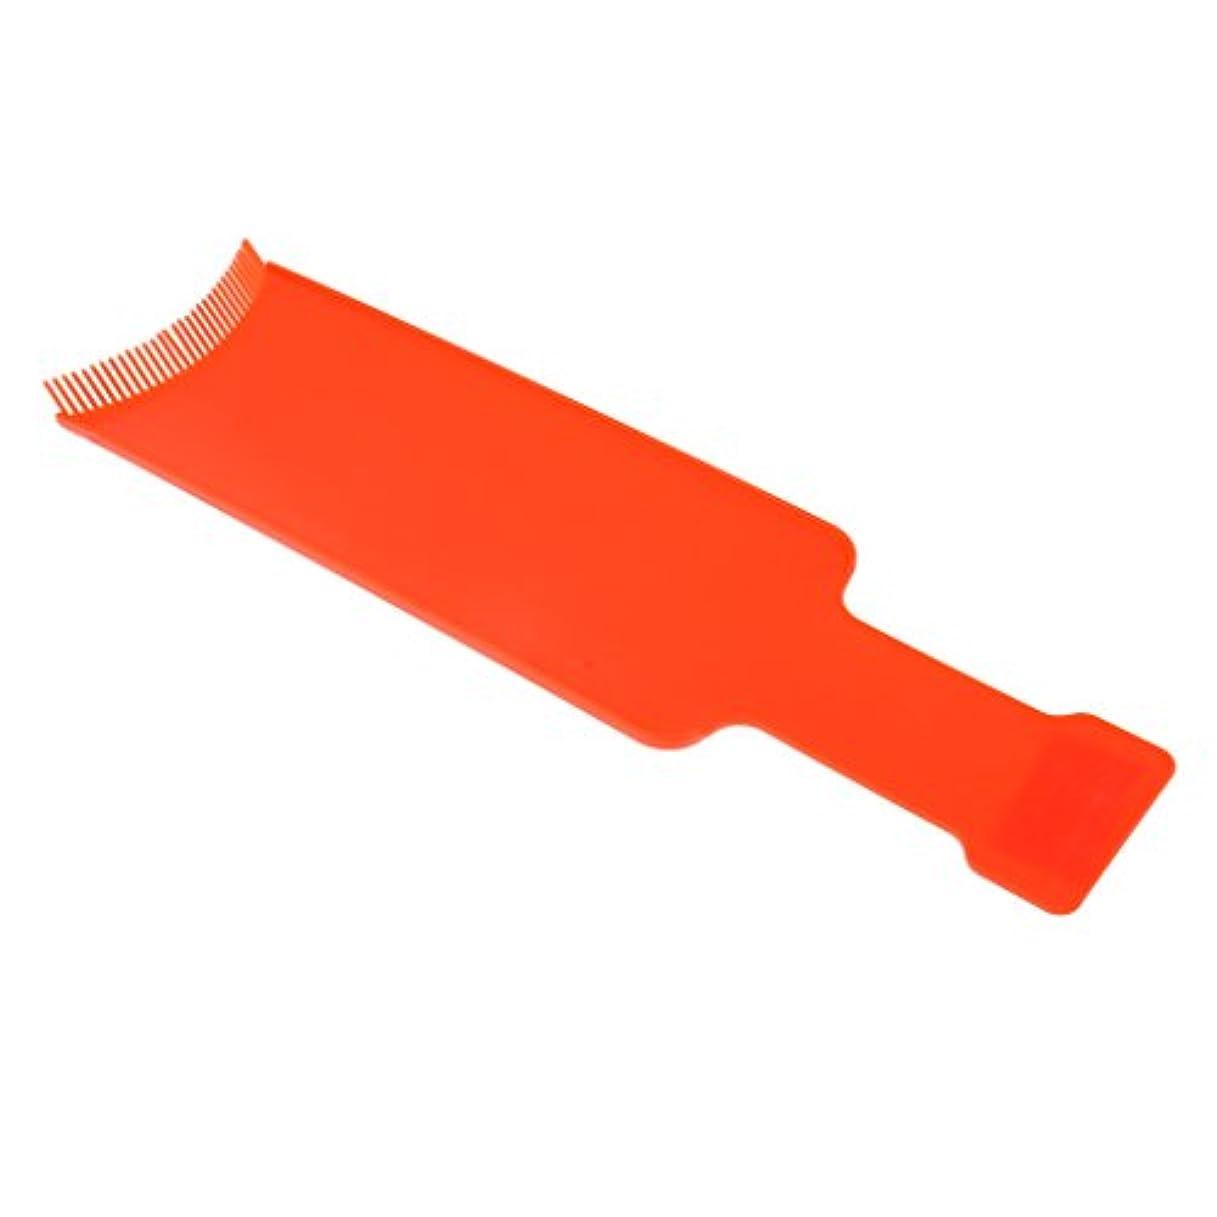 マーティフィールディングラッシュレーニン主義DYNWAVE 髪染めボード理美容着色ブラシティントコーム - オレンジ, L